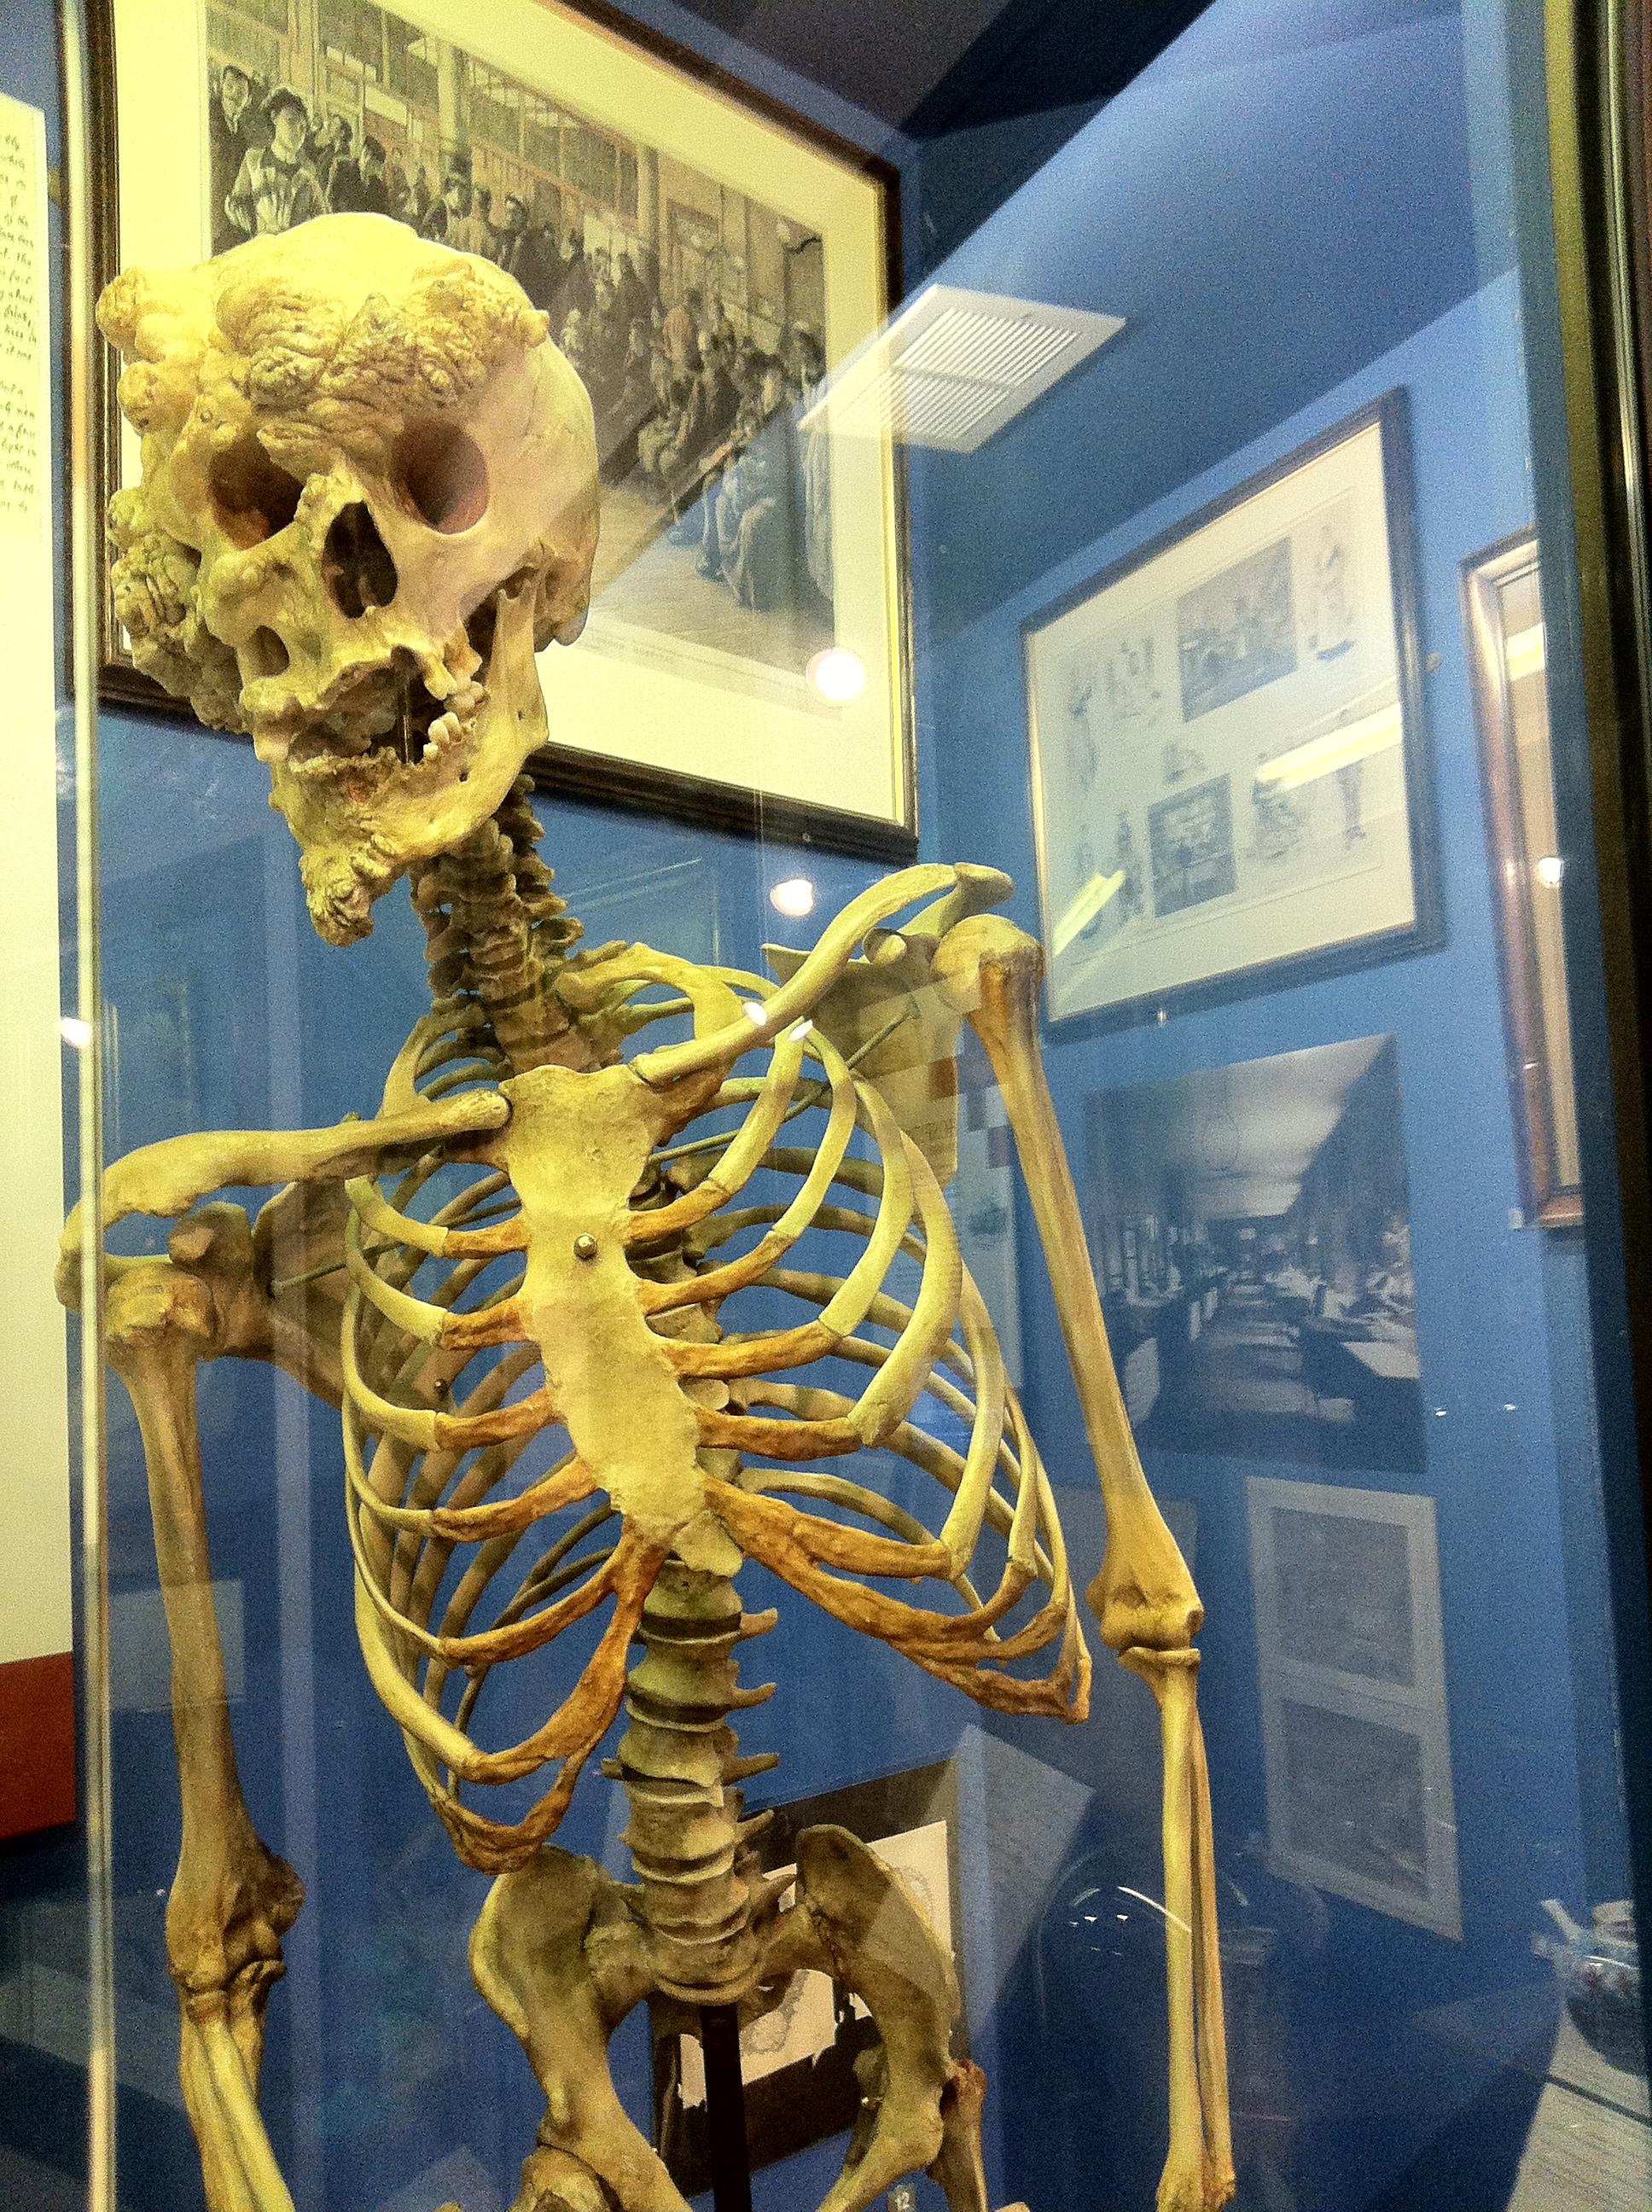 Joseph Merrick Skeleton 2